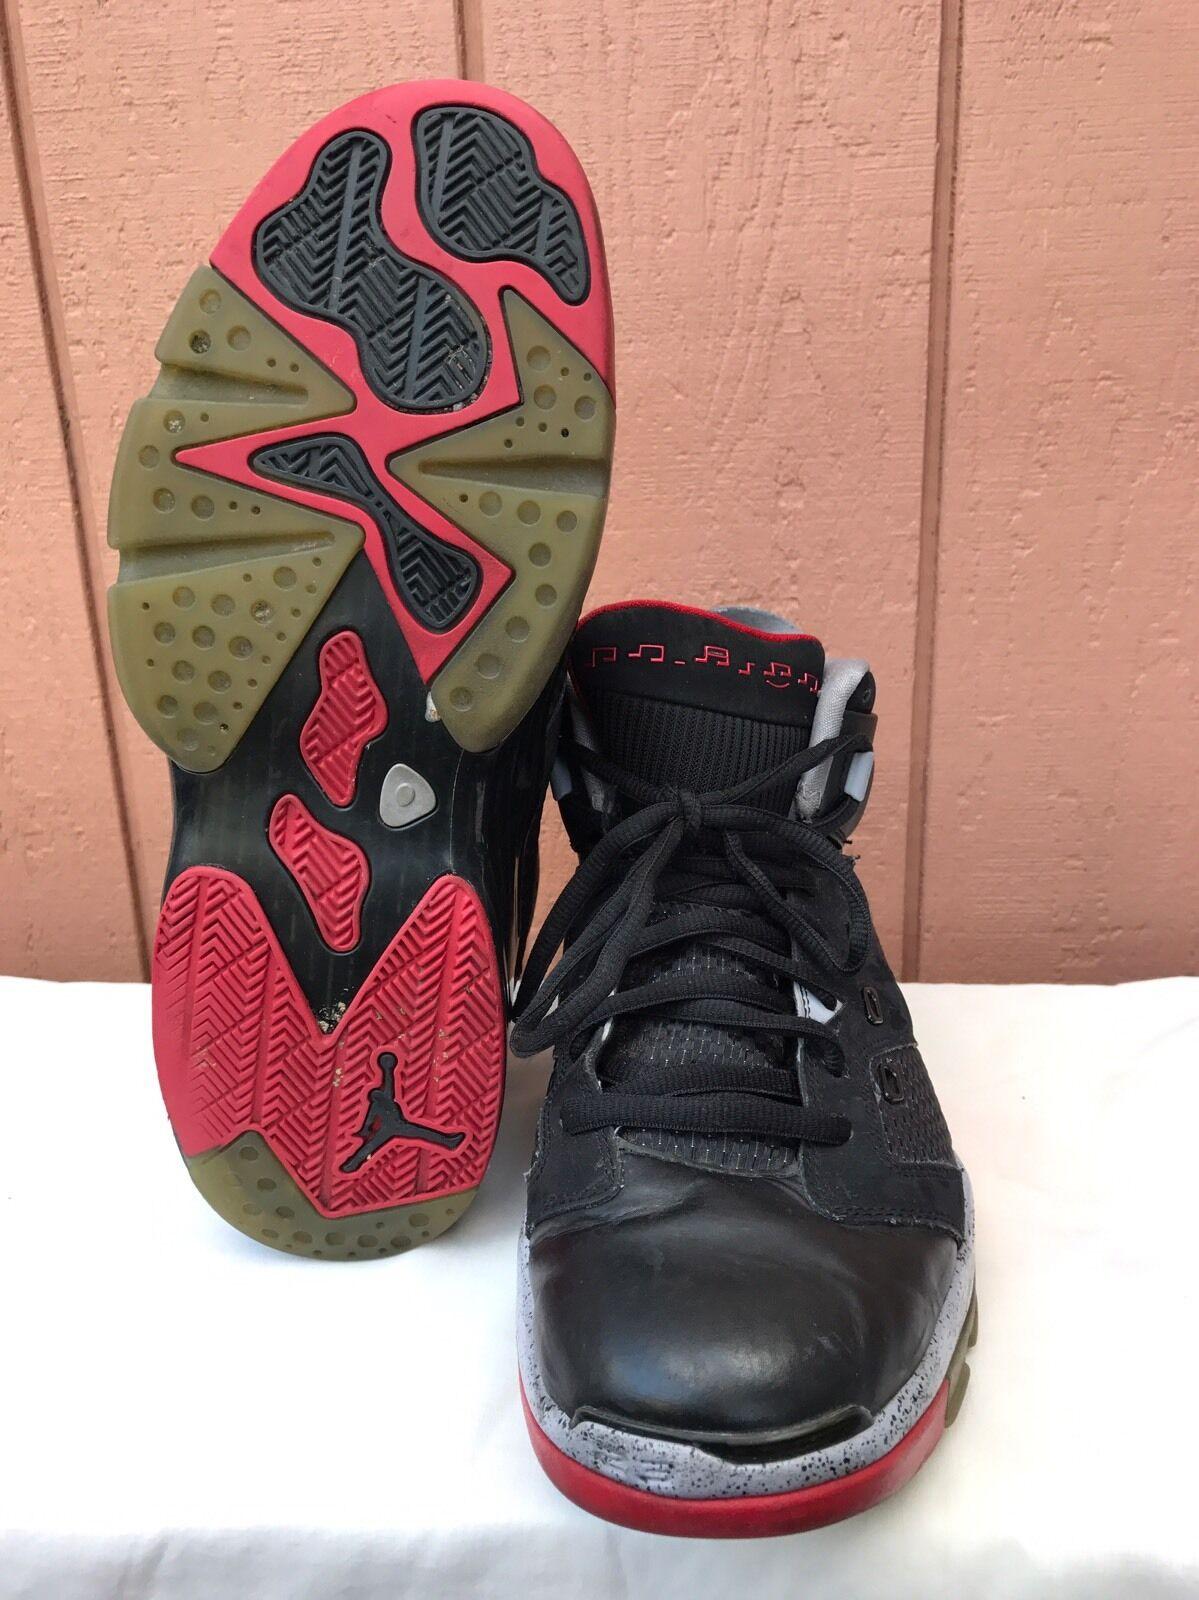 da6abfabd29 ... EUC Air Jordan basketball Zapatos US 12 12 12 428817-003 Michael fuego  negro rojo